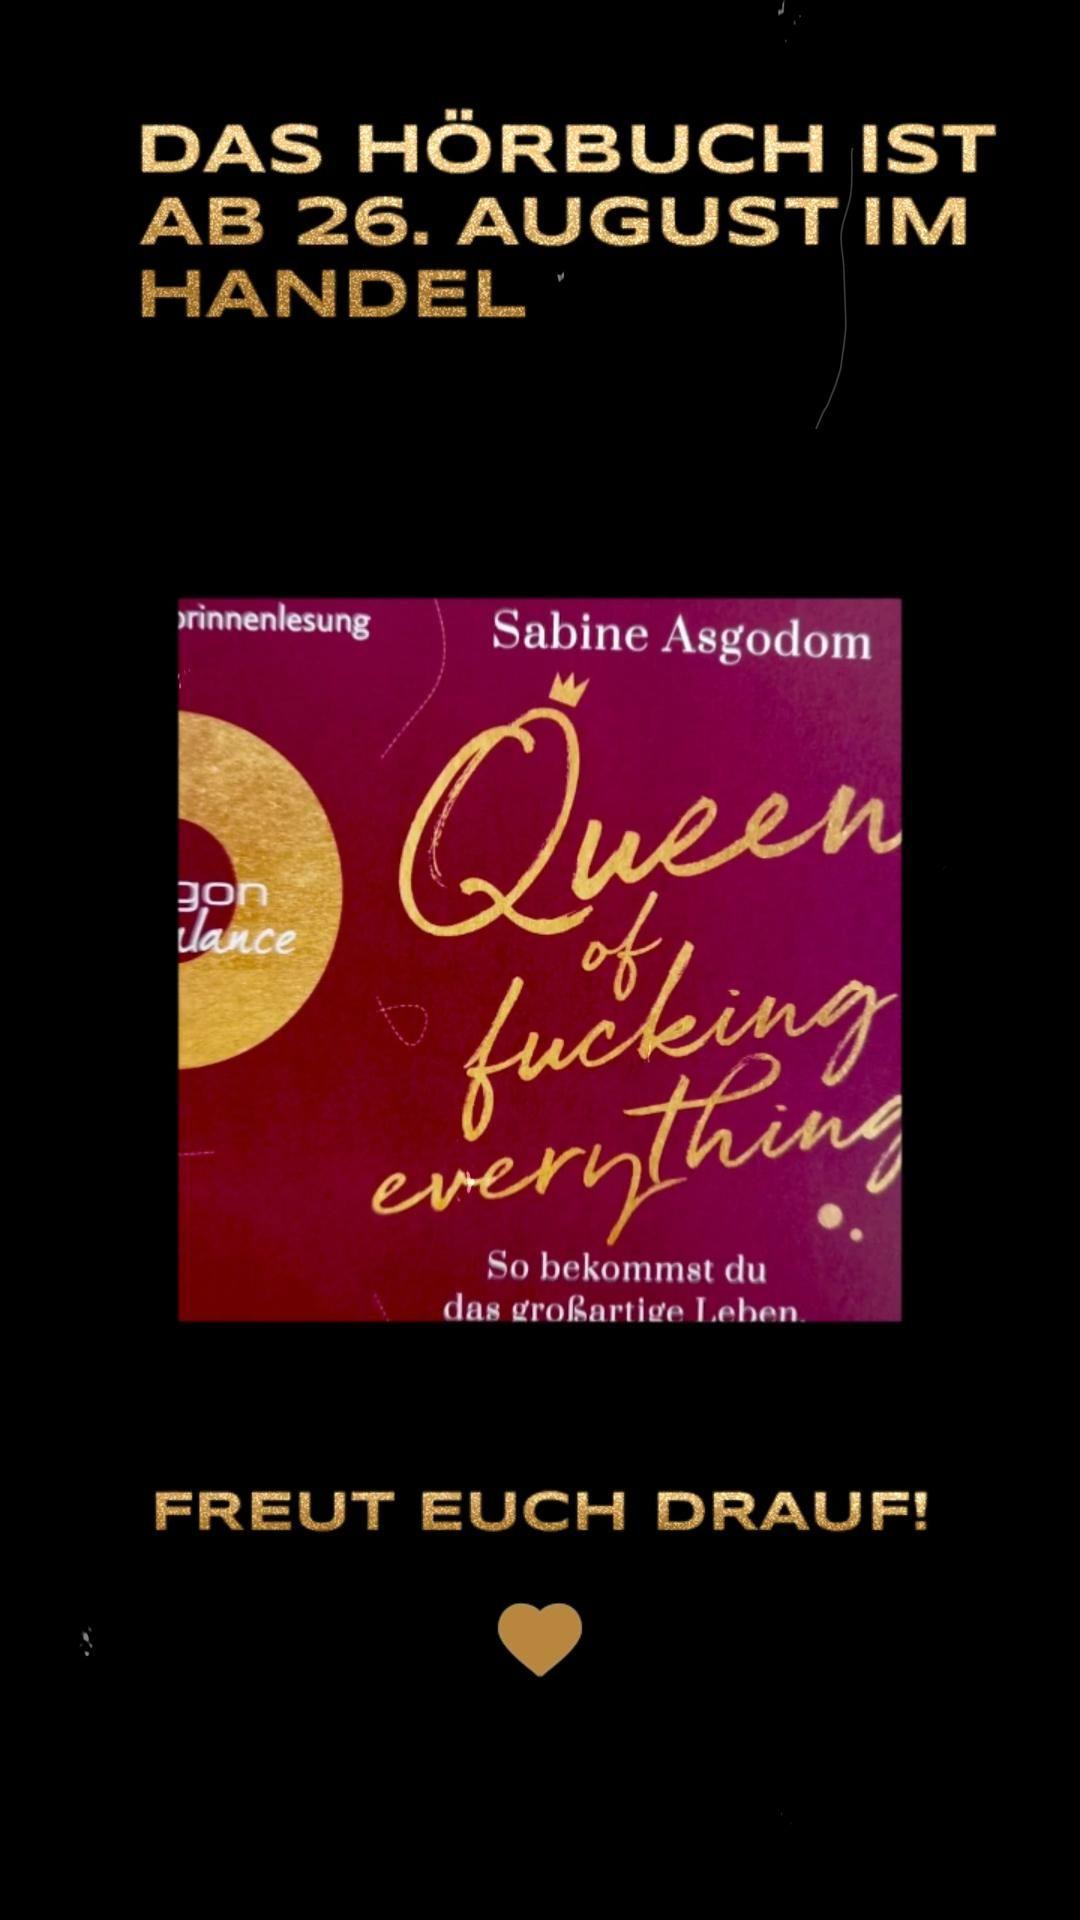 Mein Hörbuch zu meinem neuen Buch ist auch bald im Handel! #hörbuch #buch #lesen #motivation #positive #positivevibes #frauen #womanquotes #womenover40 #womanquotes #inspiration #inspire #bestseller #bestselling